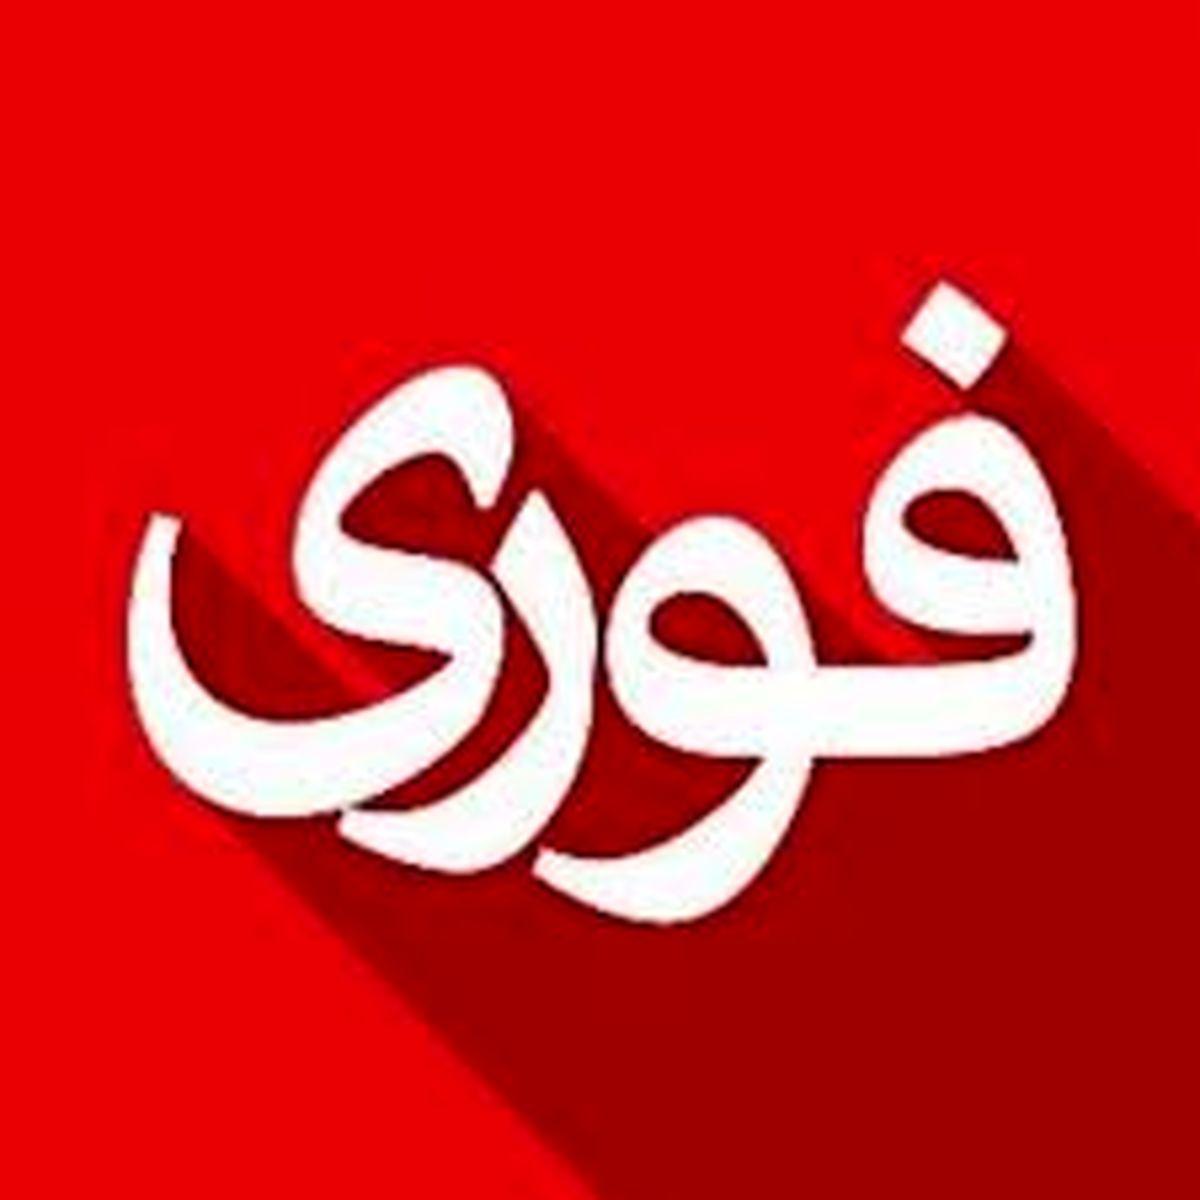 فوری/فردا دوشنبه 11 آذر مدارس تهران دایر است